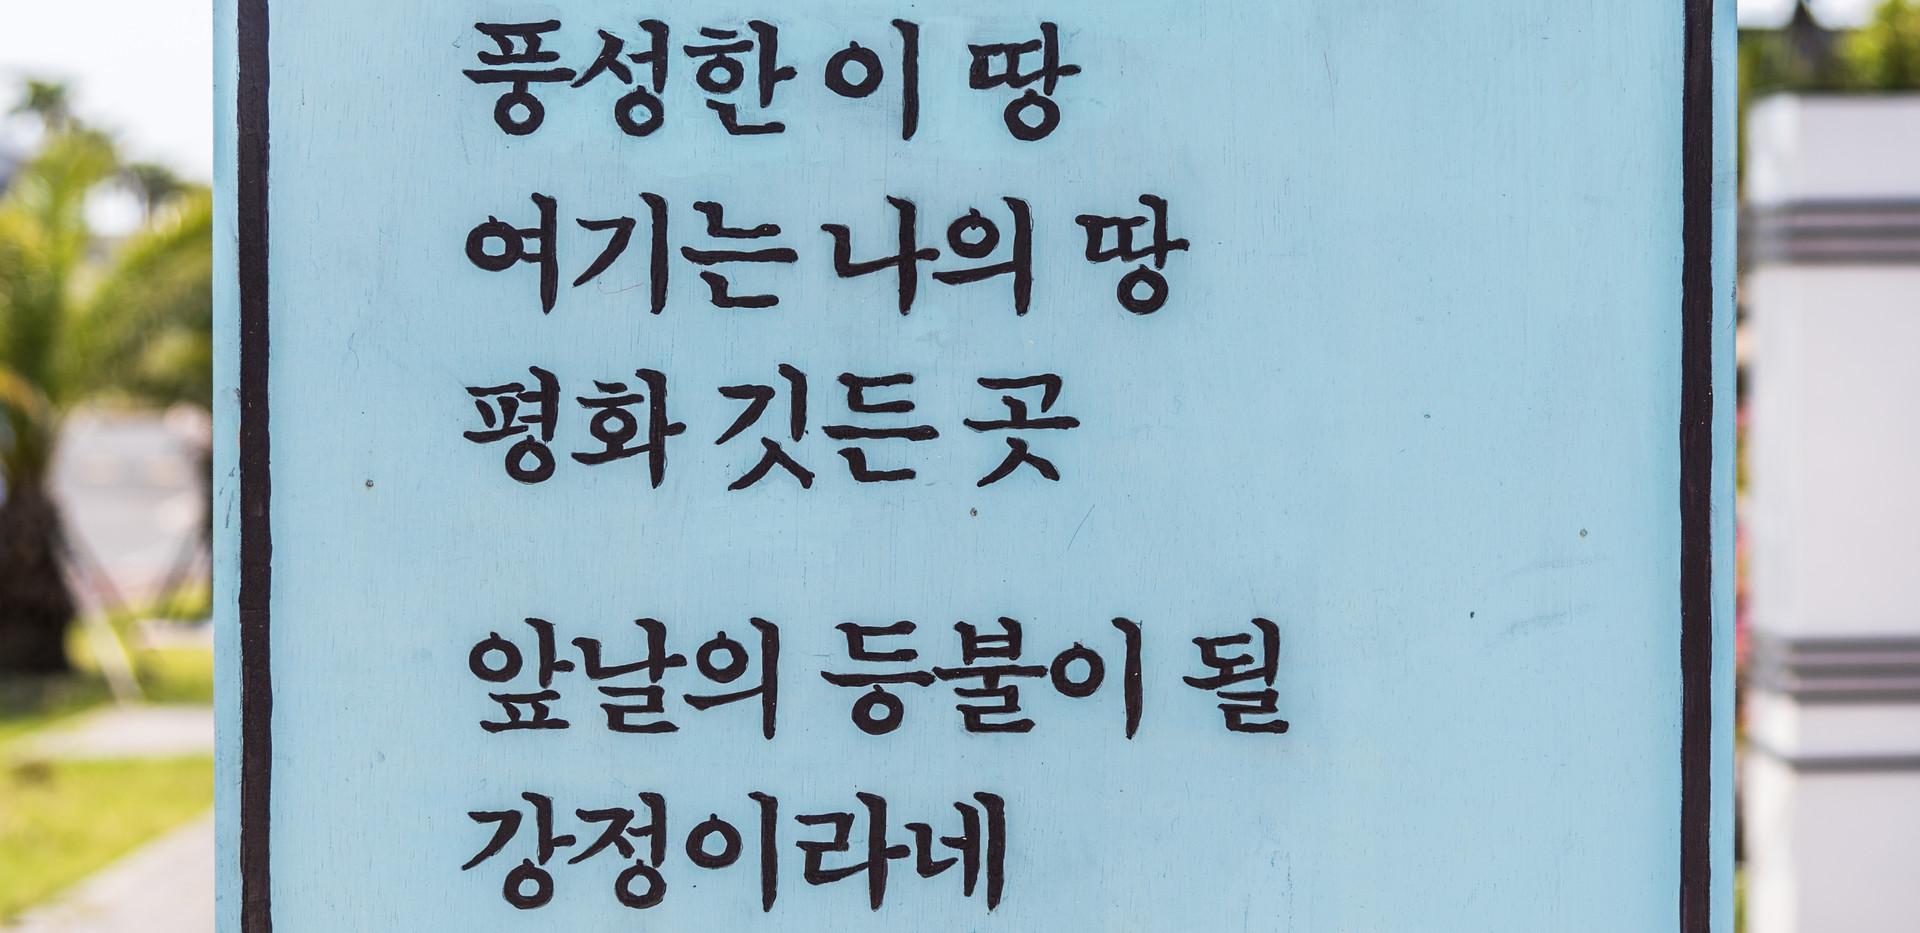 YangsanG_20190505_0017_2.jpg